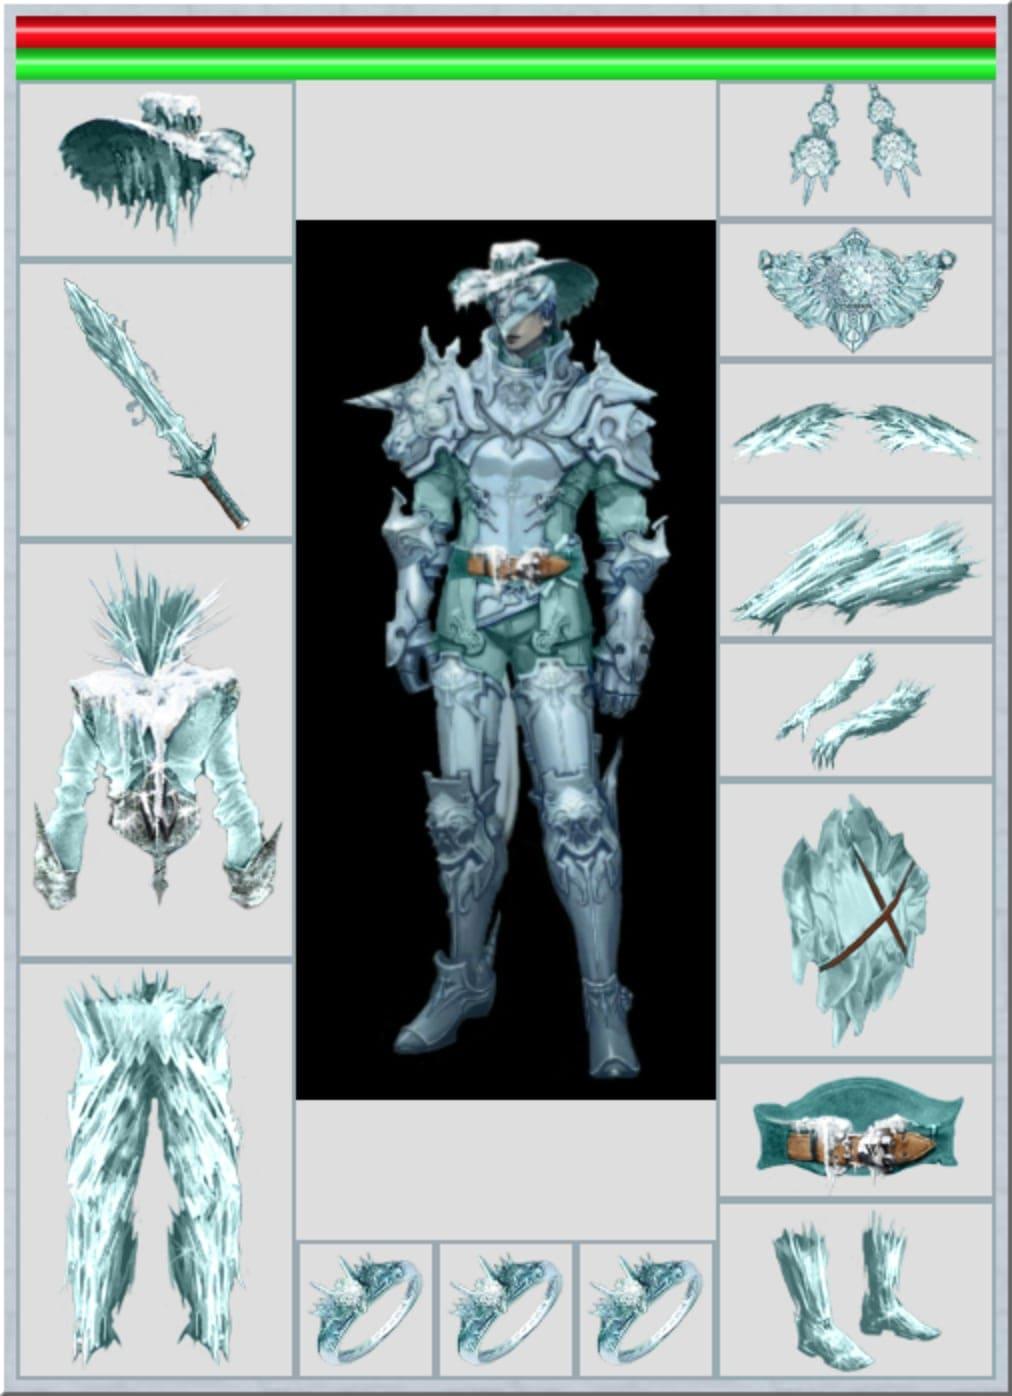 Изображение персонажа